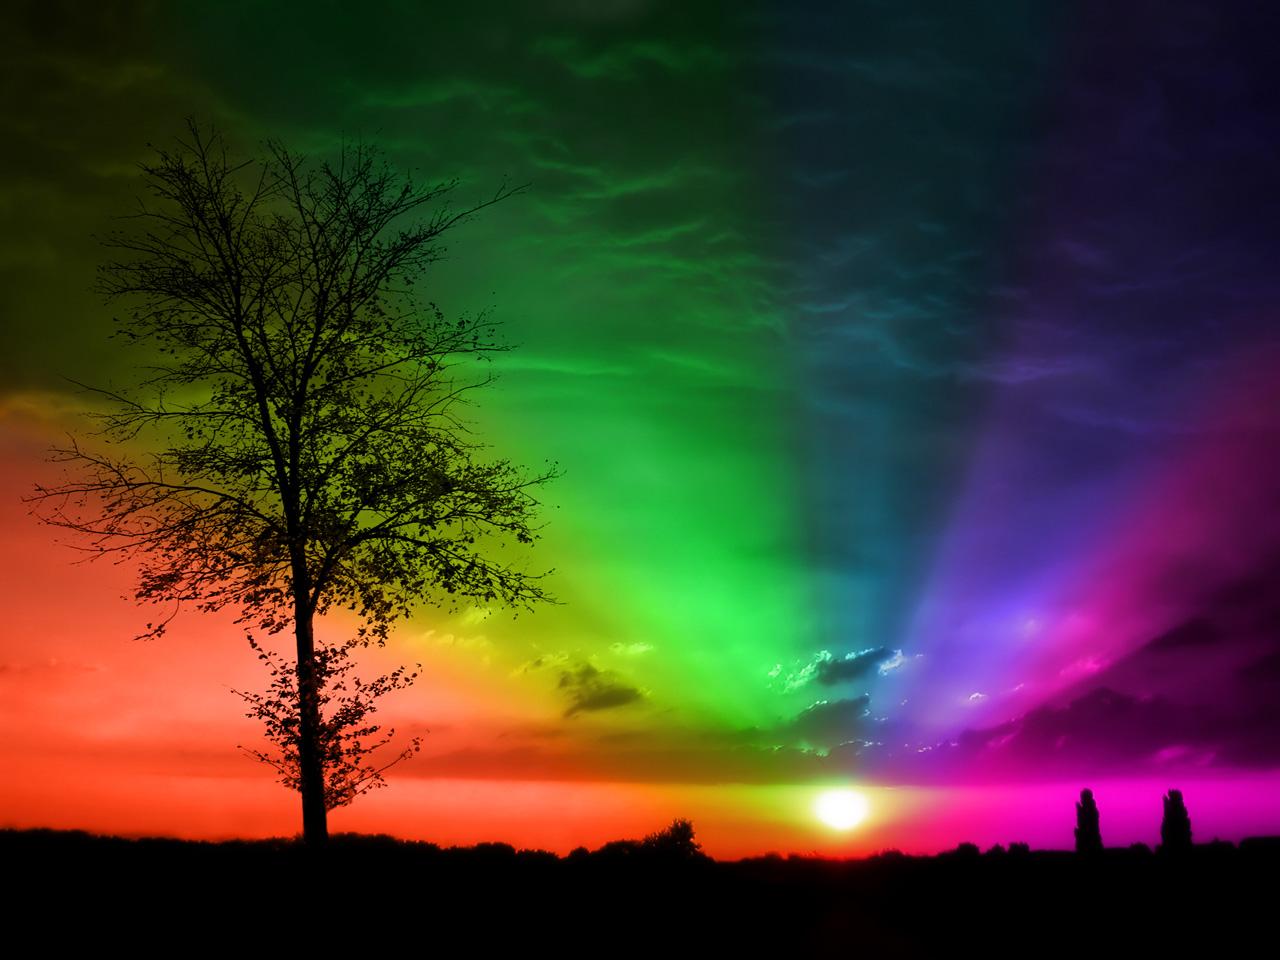 http://2.bp.blogspot.com/-bguekV3NH84/UCRRCsMwImI/AAAAAAAABKc/SgBDwCWtpJU/s1600/sunset_rainbow_wallpaper_by_muckieh-d45uyzp.jpg